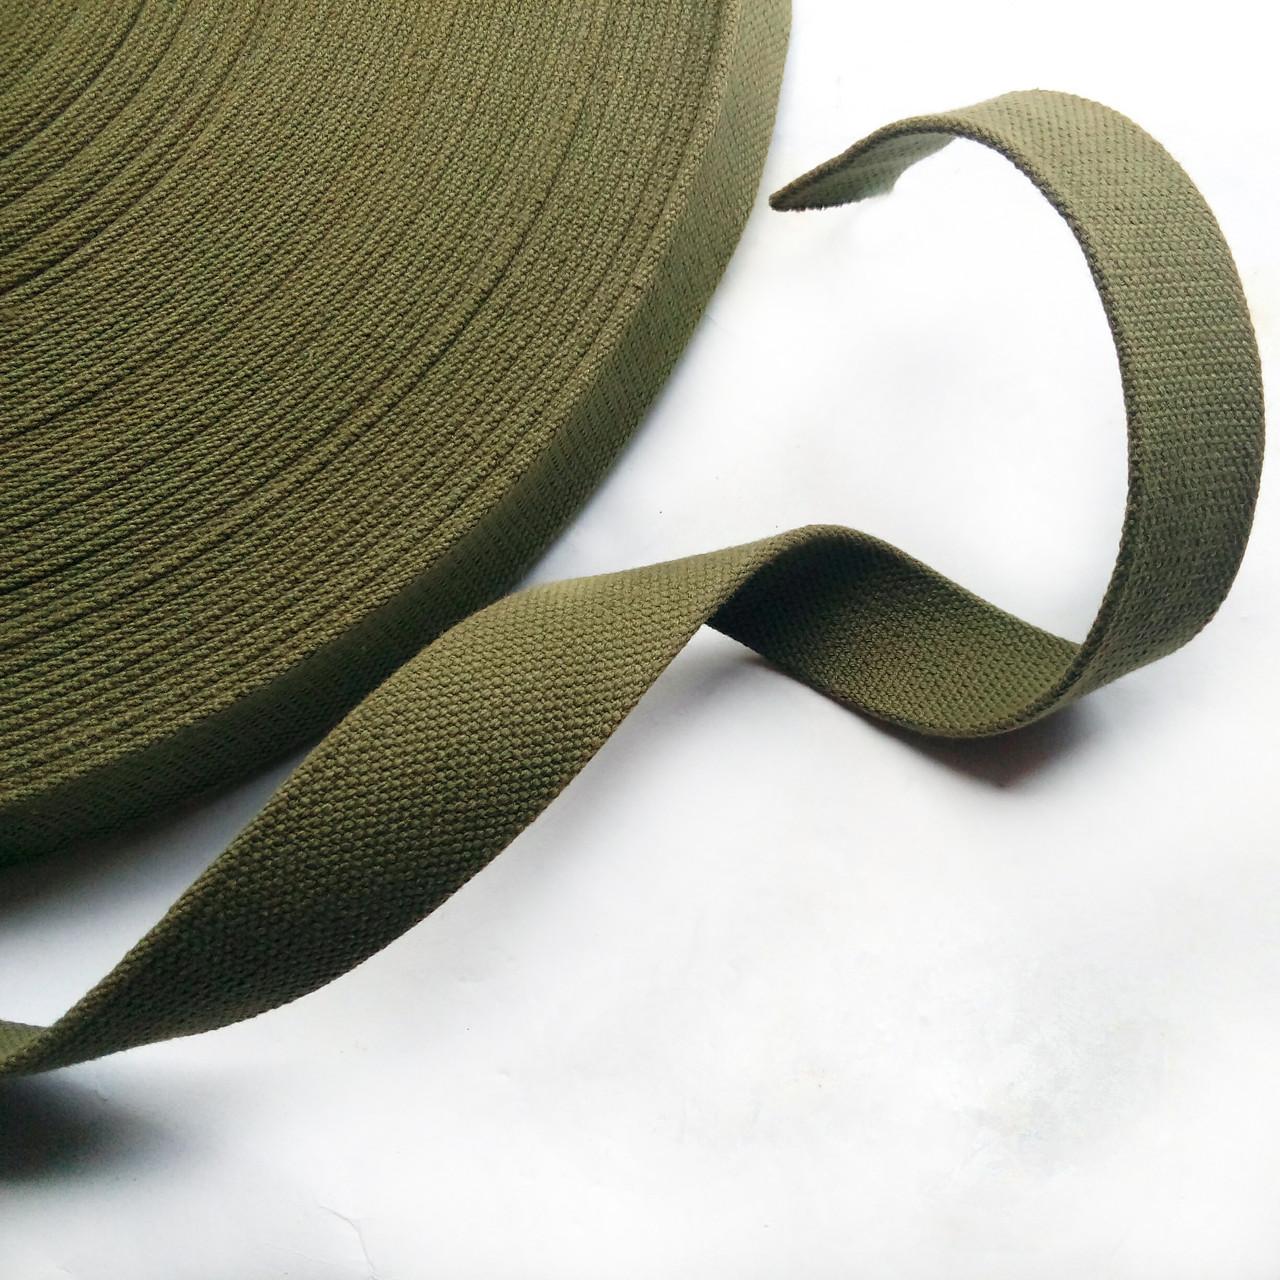 Лента ременная ХБ 30 мм техническая брезентовая (стропа хлопчатобумажная вожжевая)